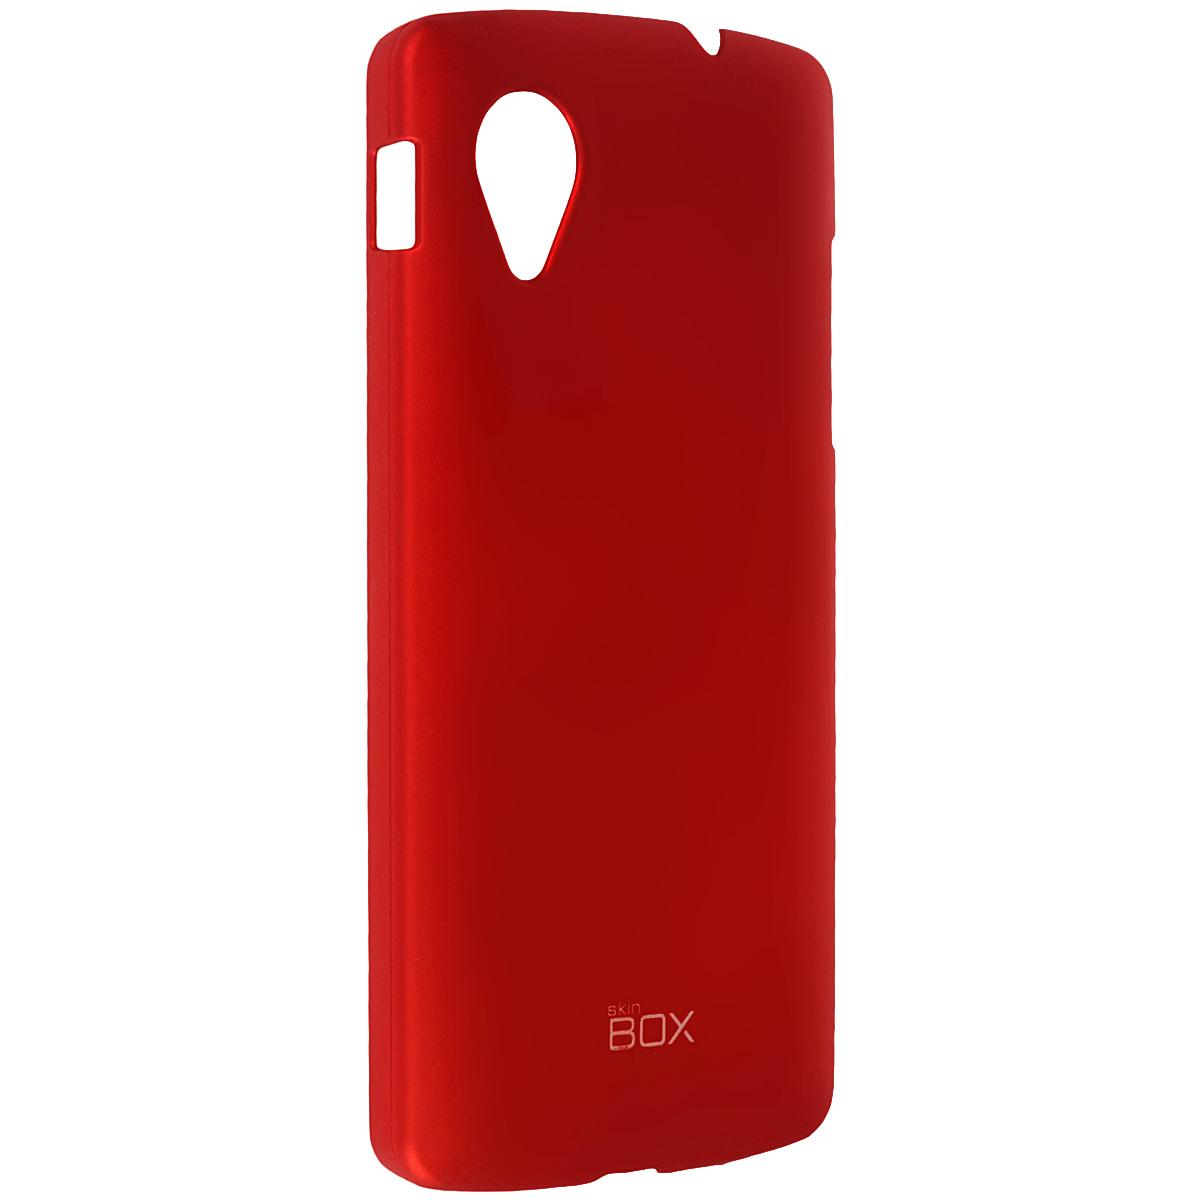 Skinbox Shield 4People чехол для LG Nexus 5, RedT-S-LN5-002Чехол Skinbox Shield 4People для LG Nexus 5 предназначен для защиты корпуса смартфона от механических повреждений и царапин в процессе эксплуатации. Имеется свободный доступ ко всем разъемам и кнопкам устройства. В комплект также входит защитная пленка на экран телефона.